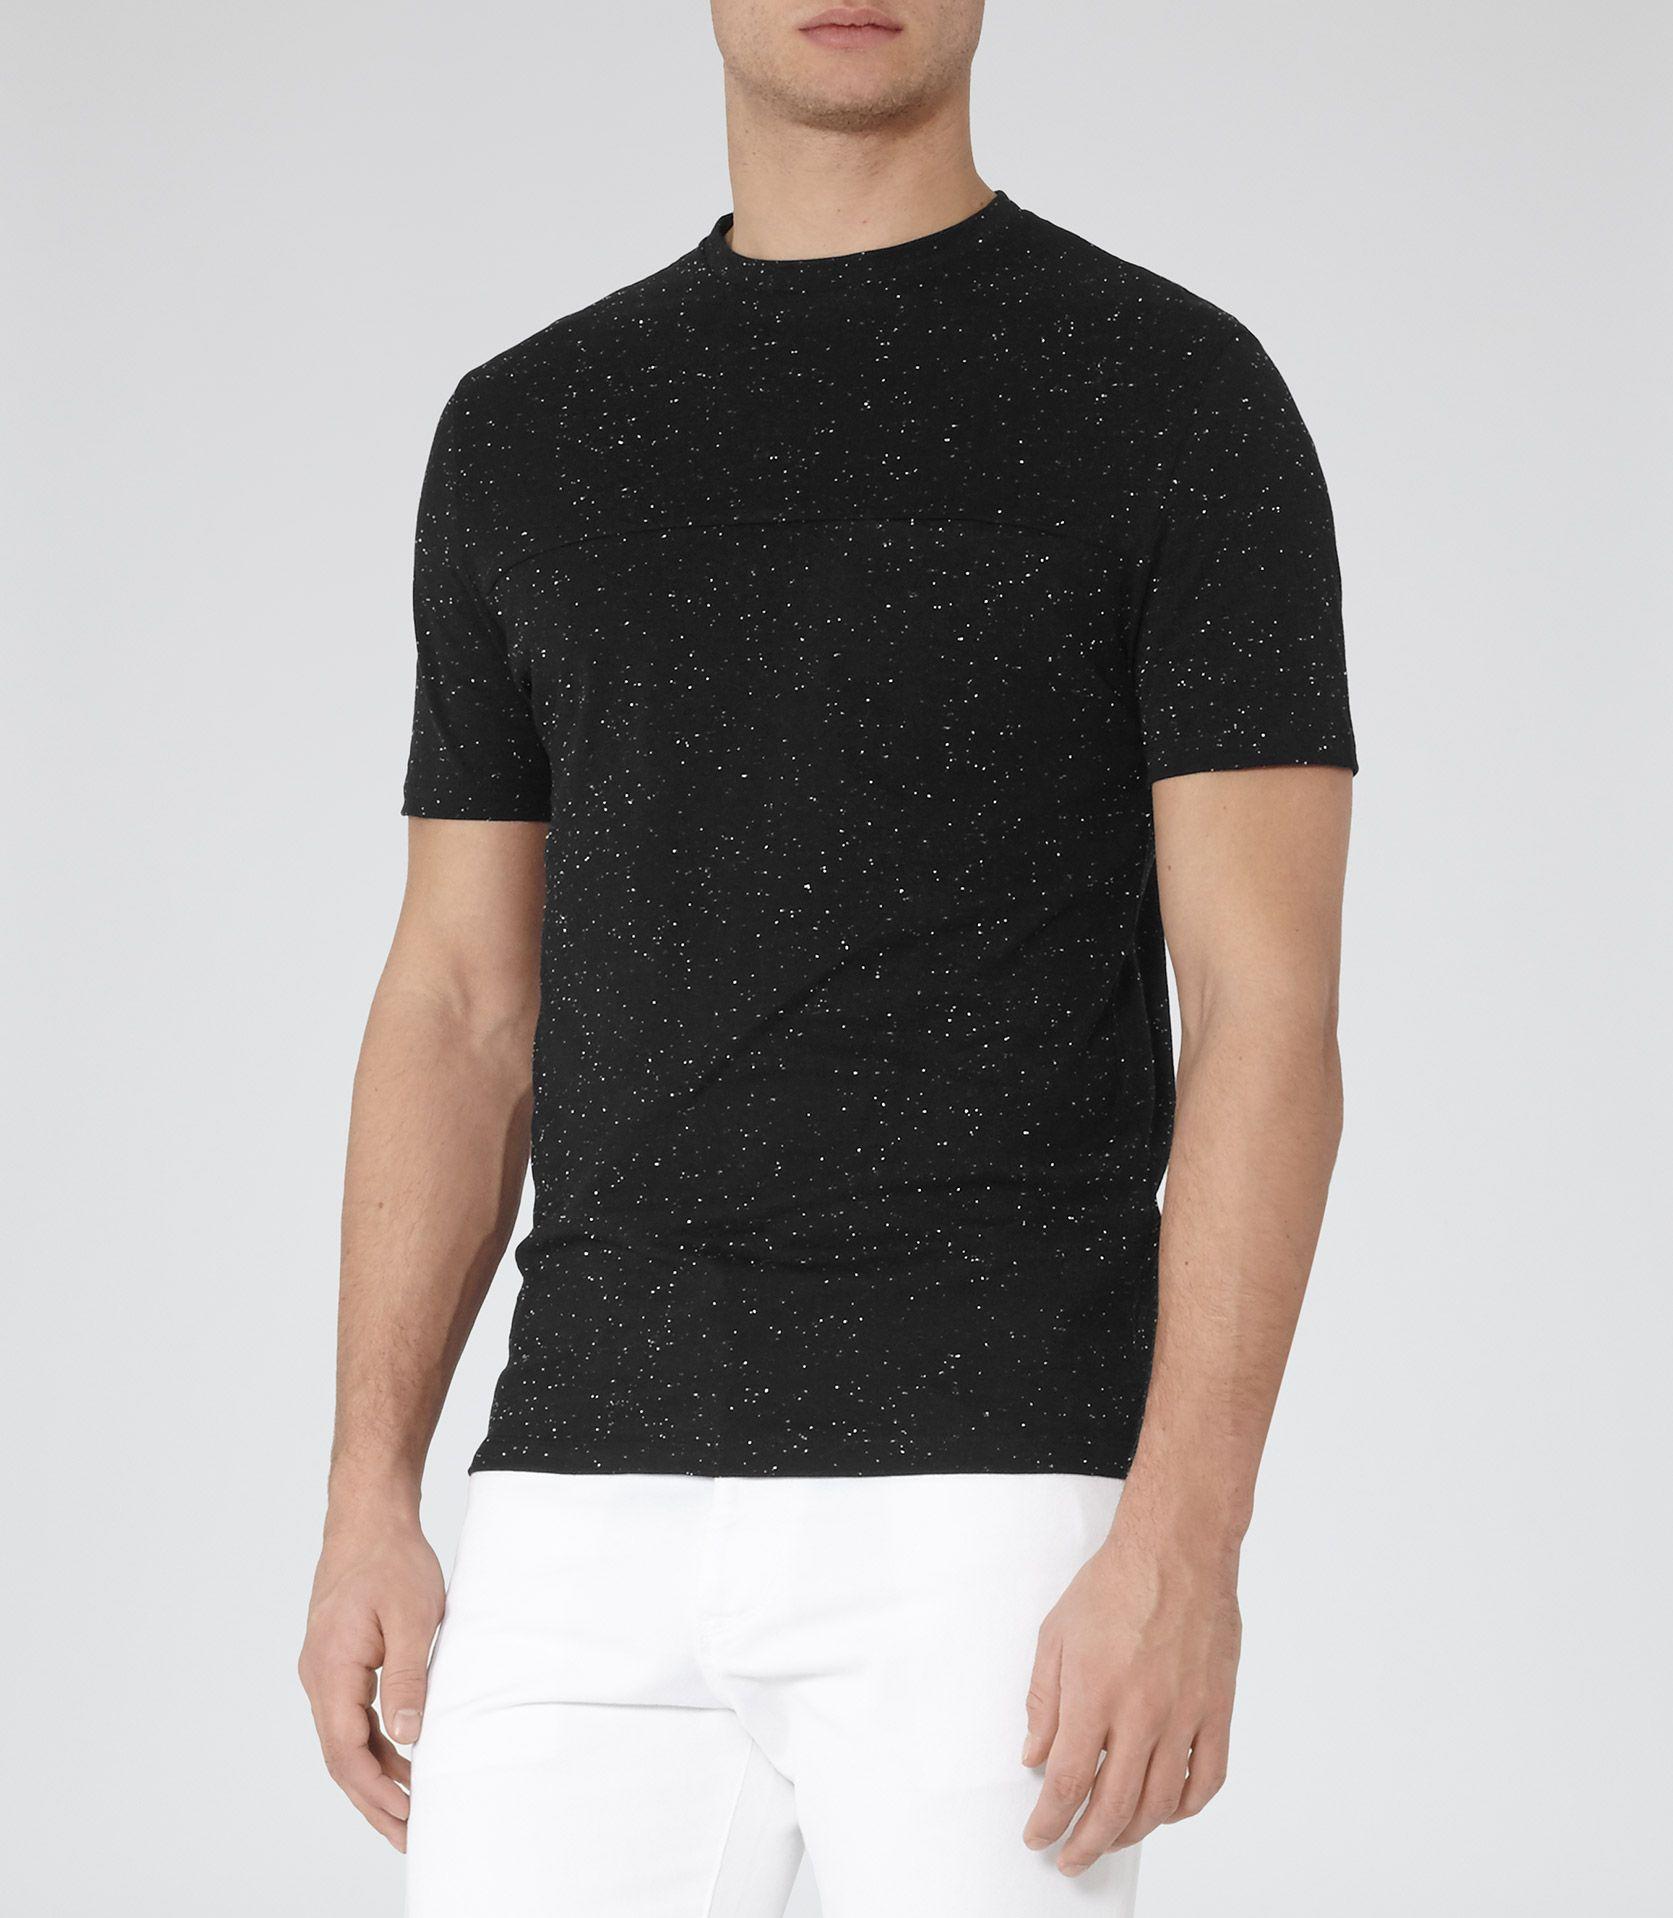 Black t shirt reiss - Black Mens Black Flecked T Shirt Reiss Marbury